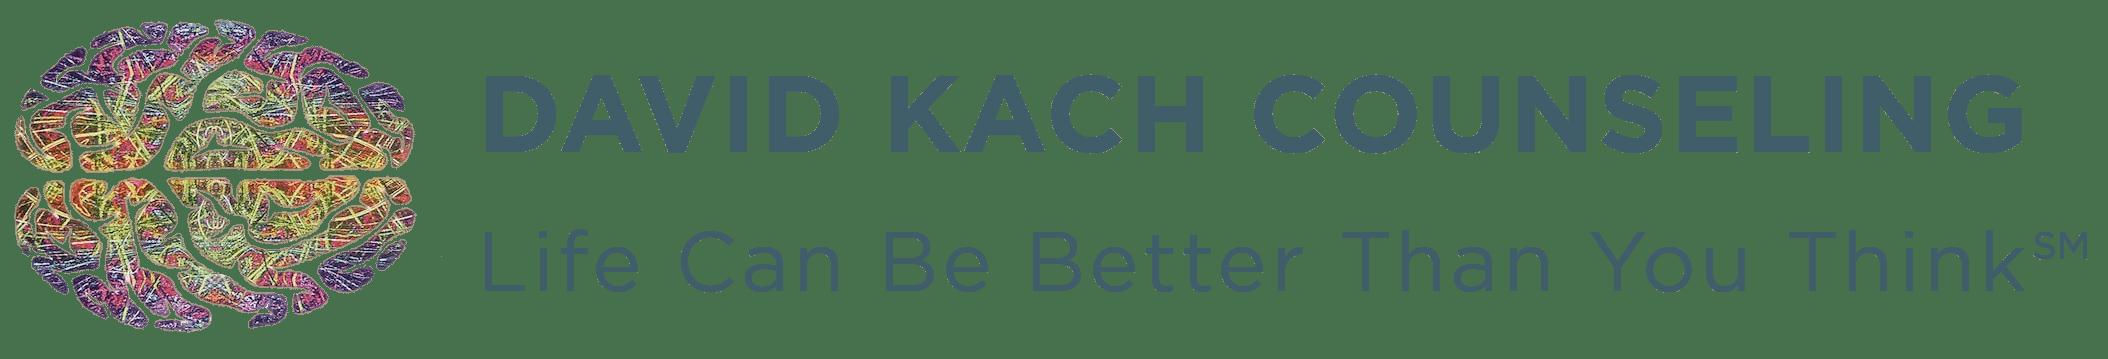 David Kach Counseling